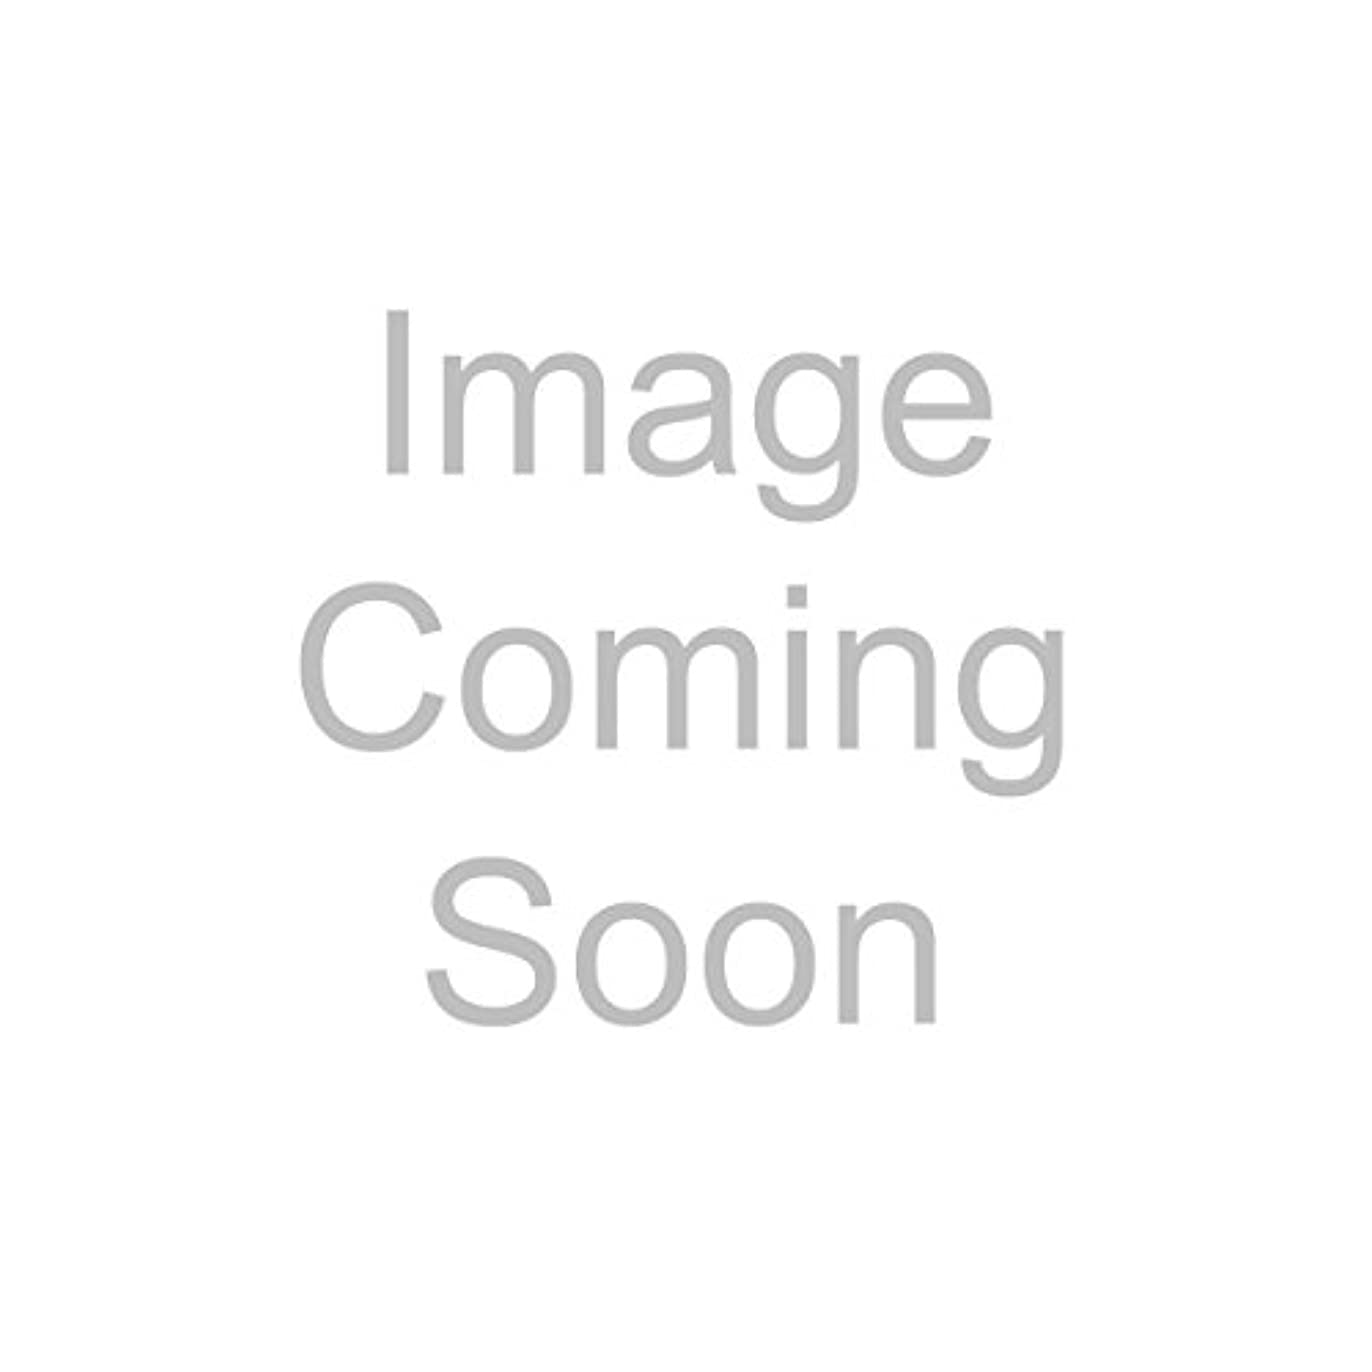 を通して使い込む紫のディプティックキャンドル - マキ 190g/6.5oz